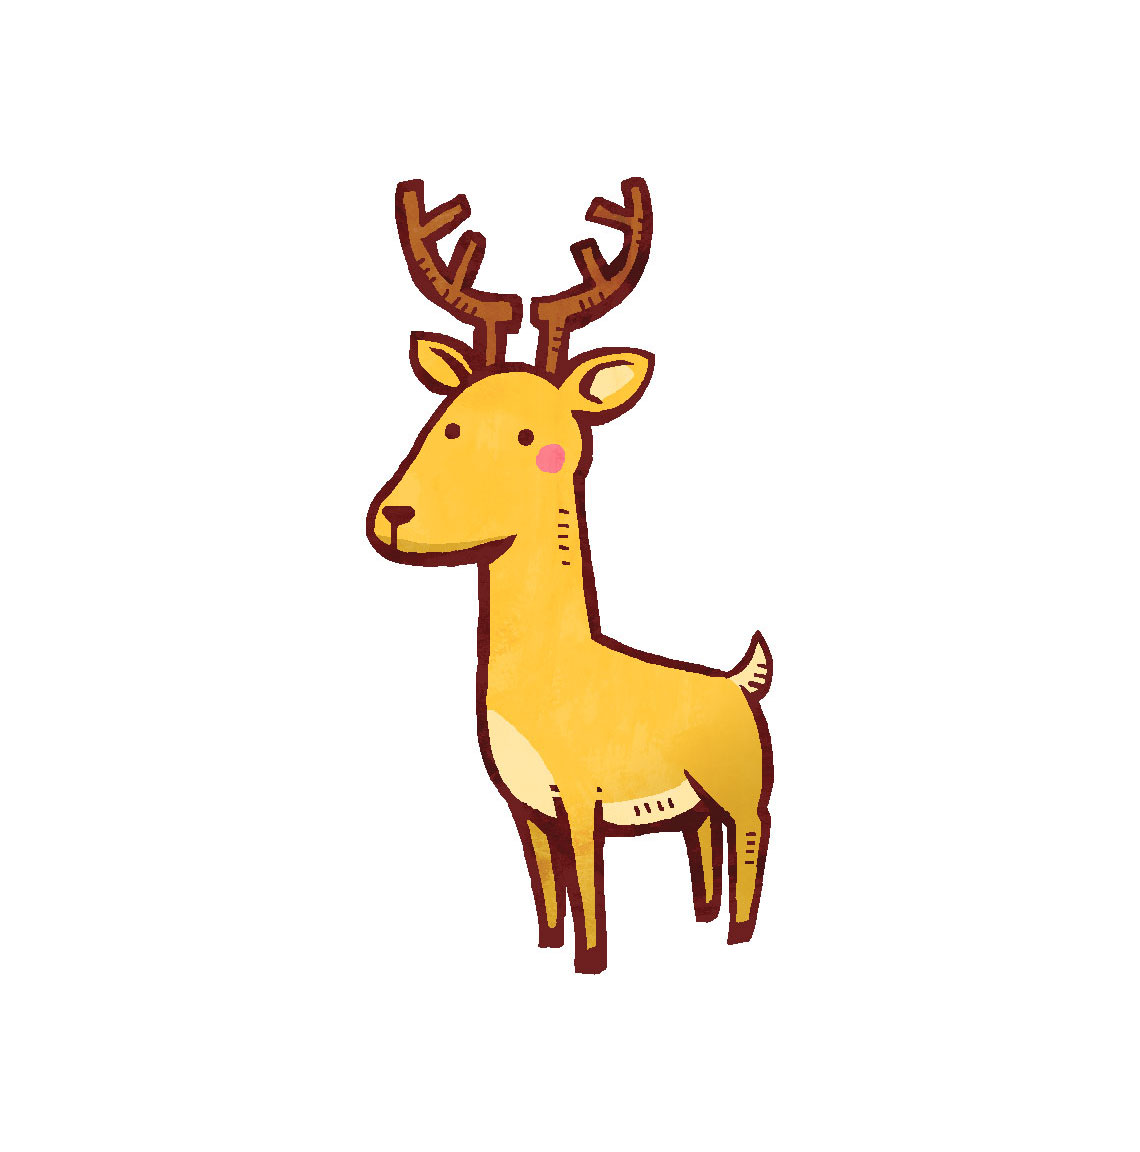 たたずむ鹿